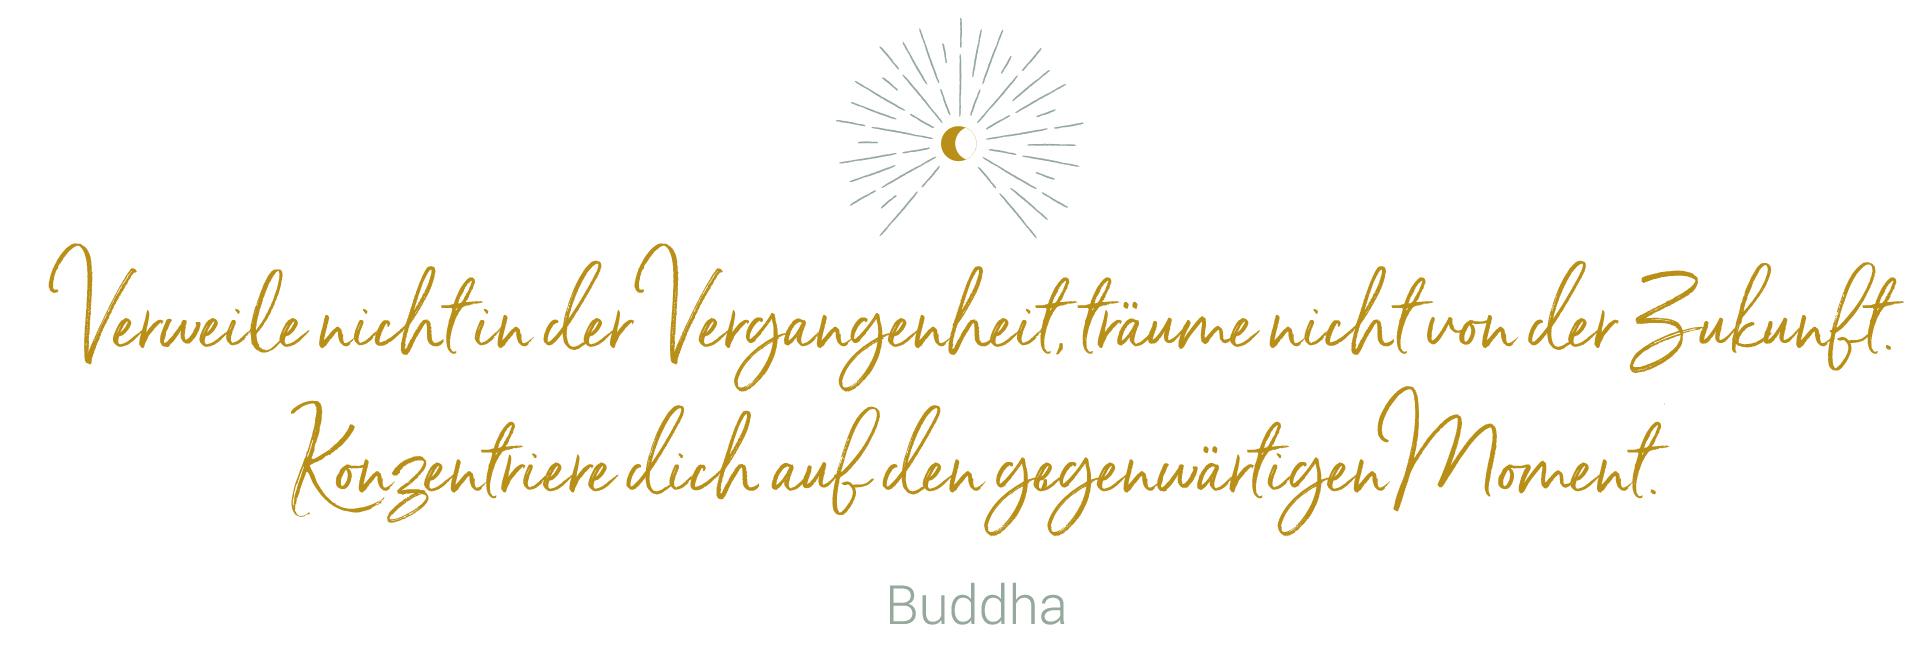 Verweile nicht in der Vergangenheit, träume nicht von der Zukunft. Konzentriere dich auf den gegenwärtigen Moment. Buddha - niyama